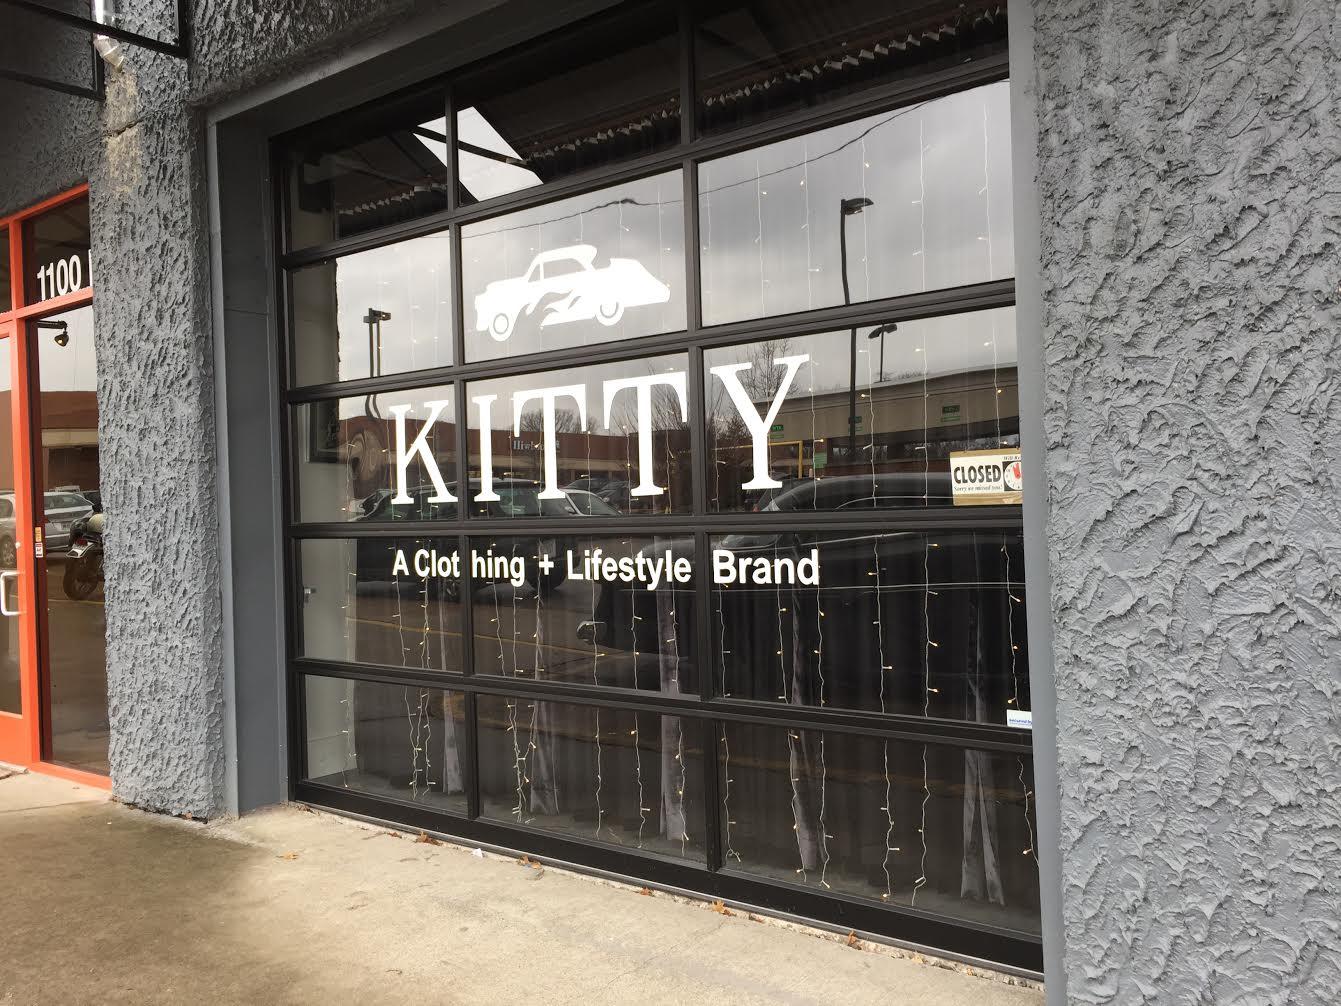 Kitty Nashville